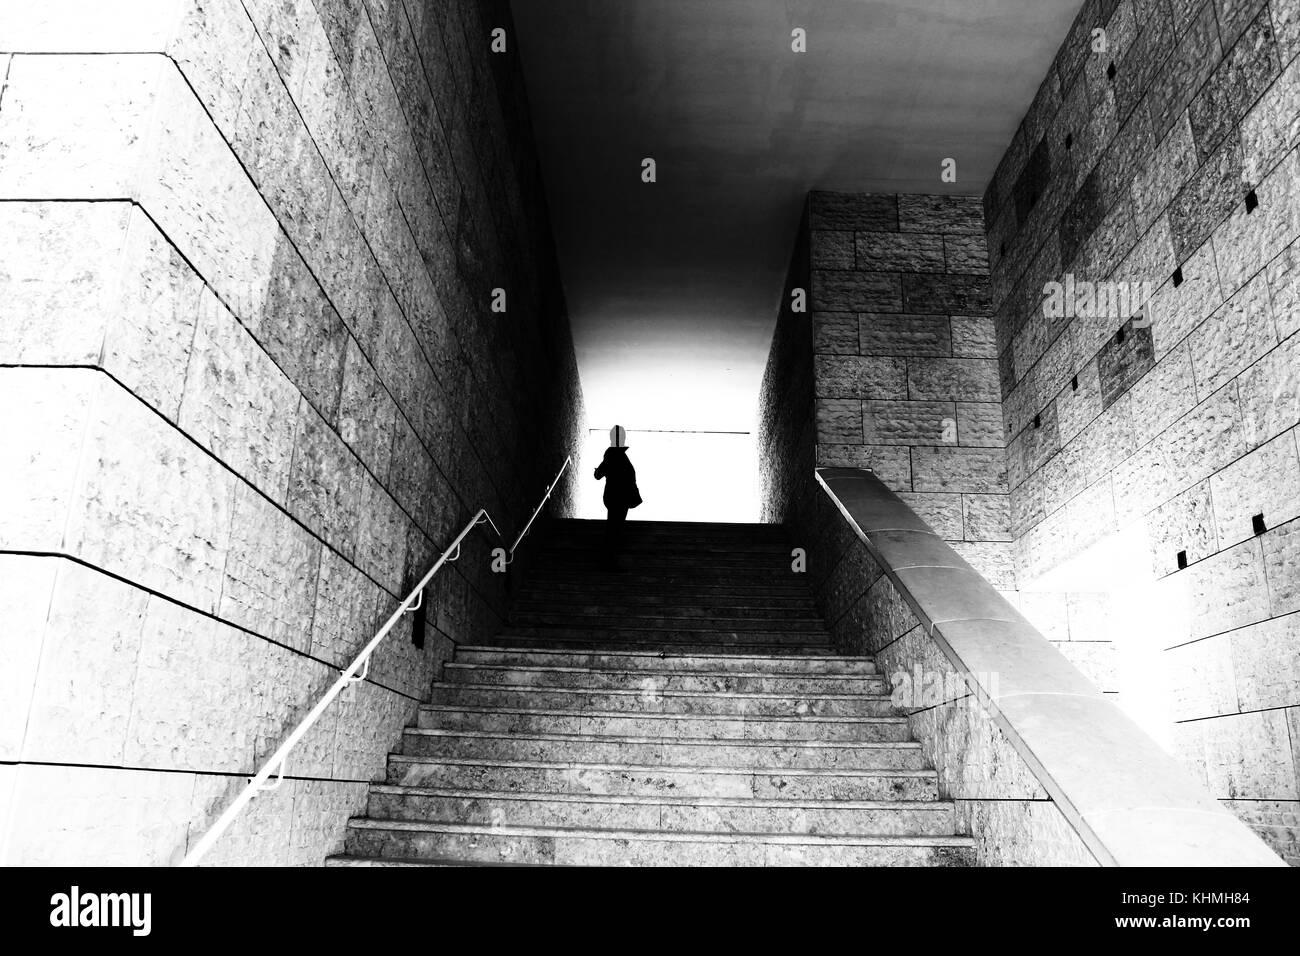 Silhouette alla fine delle scale Immagini Stock